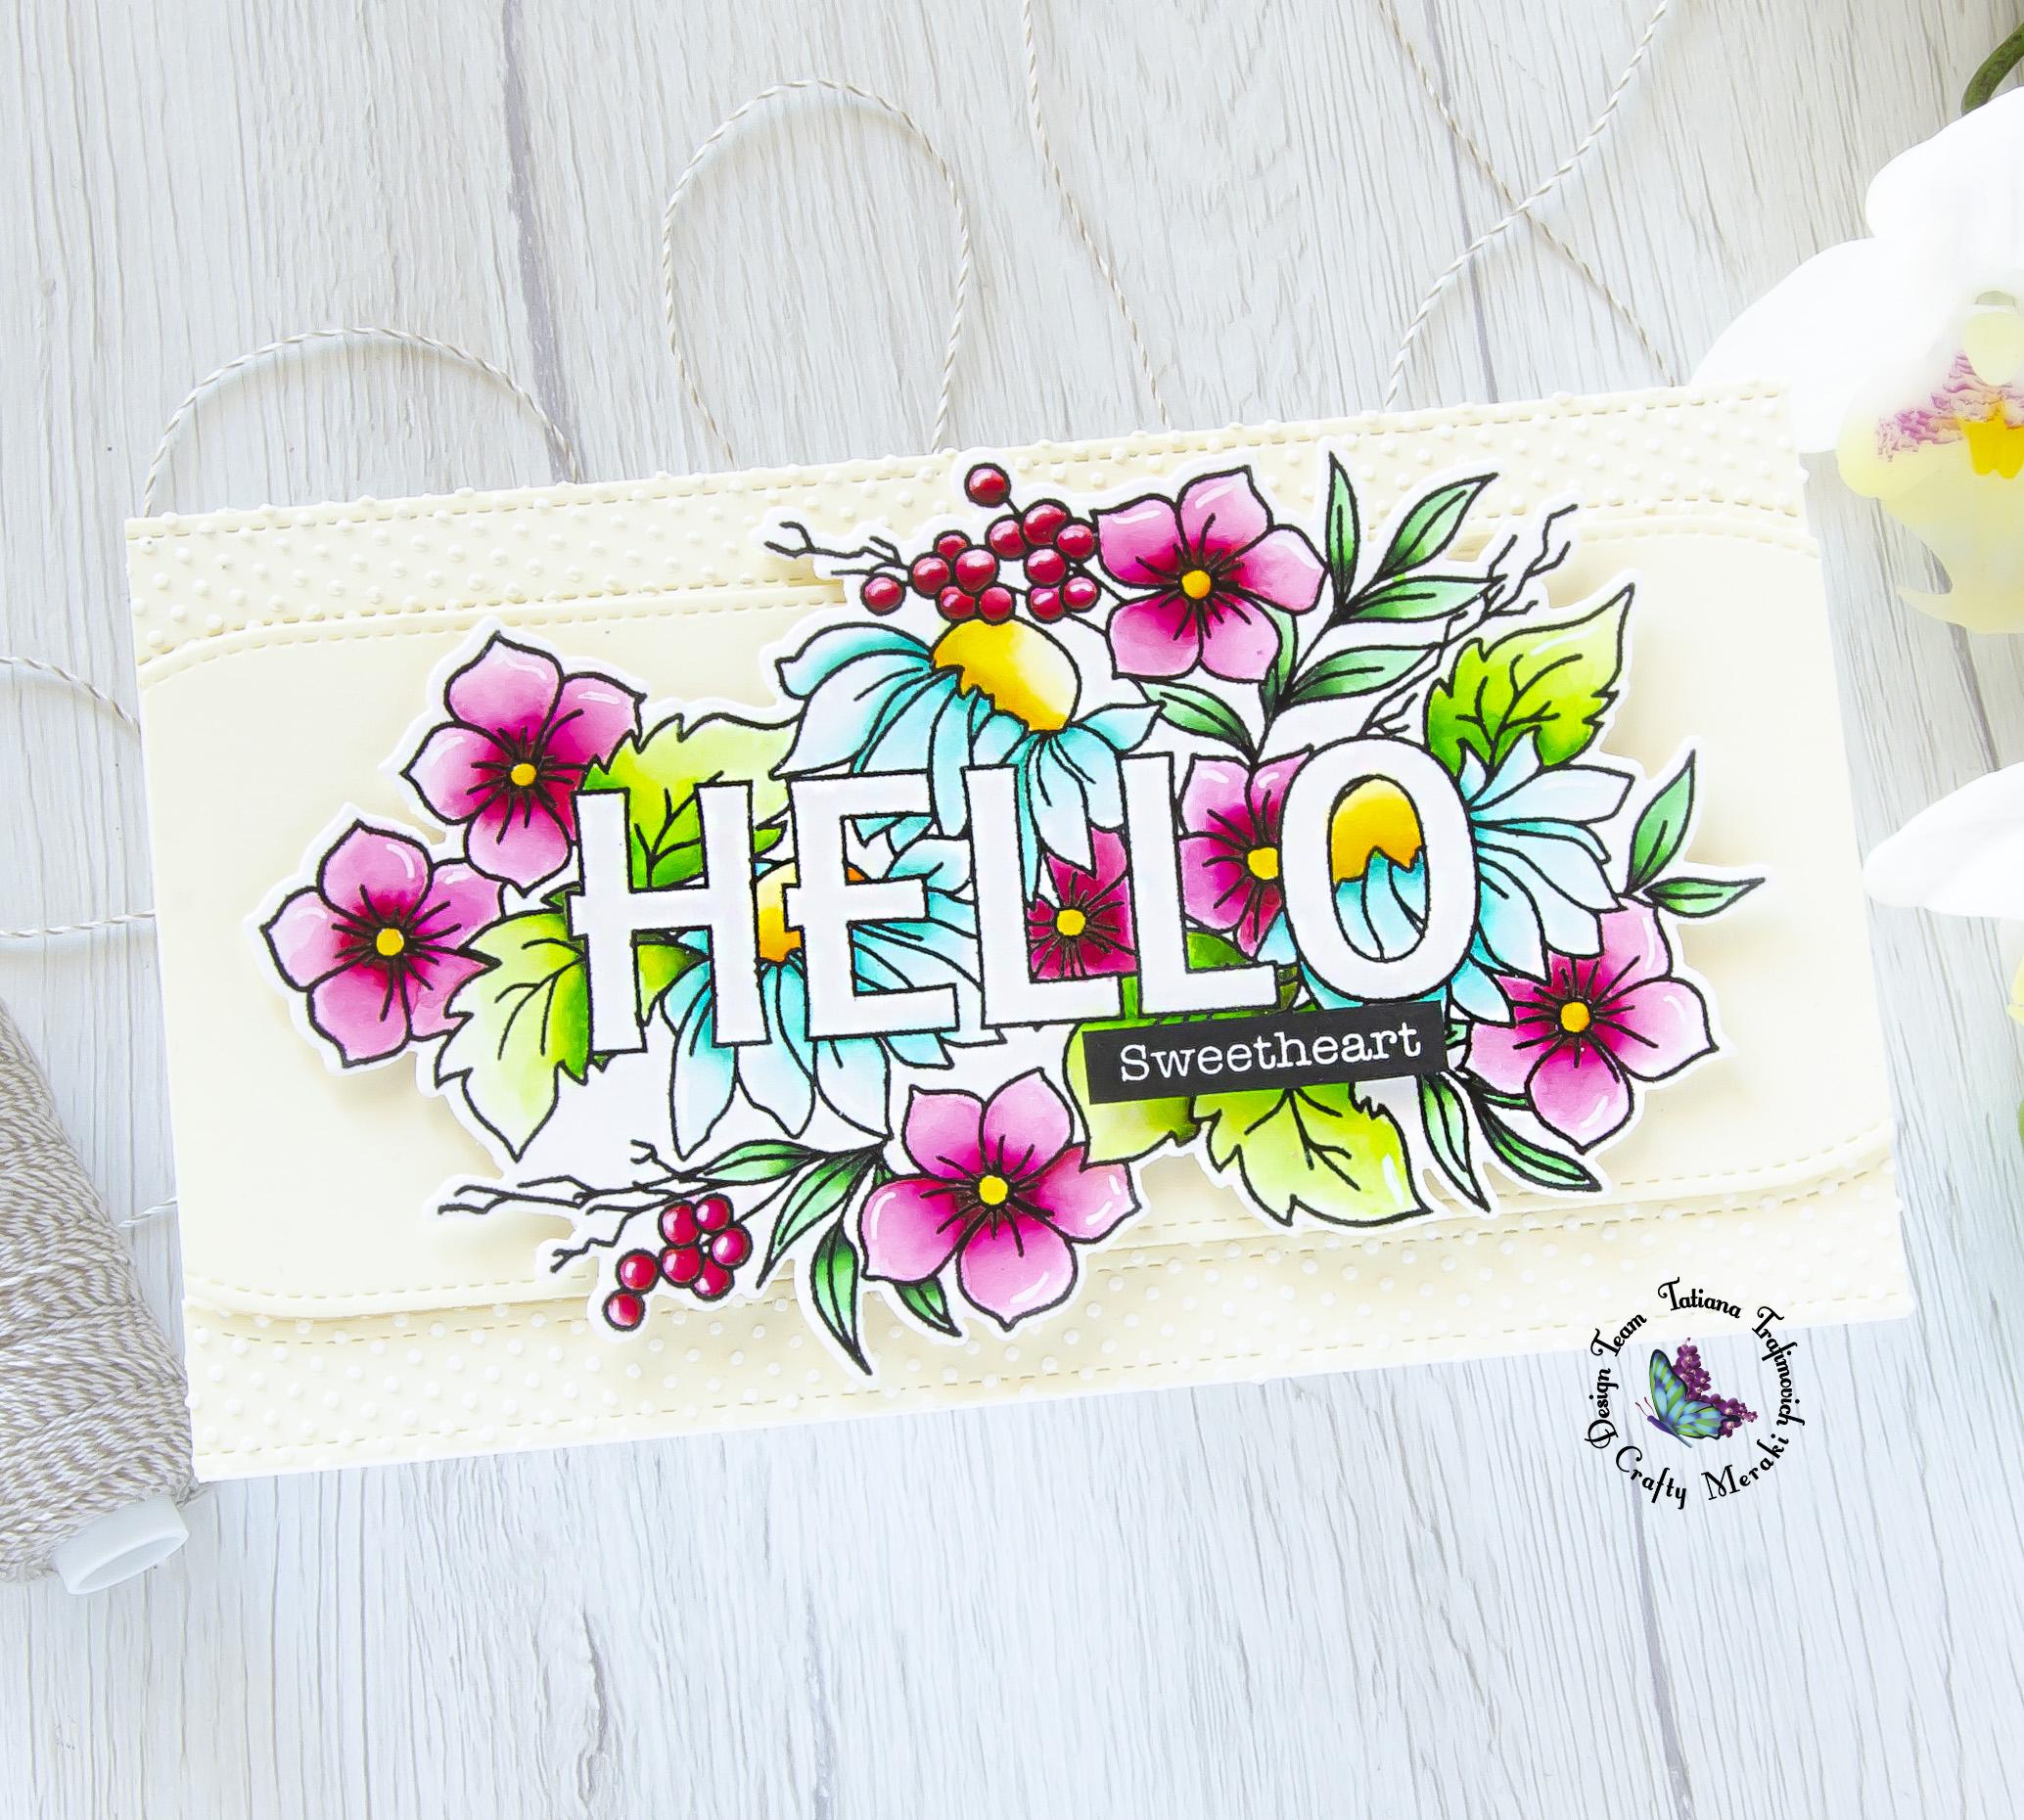 Hello Sweetheart #handmade card by Tatiana Trafimovich #tatianacraftandart - Hello Love stamp set by Crafty Meraki #craftymeraki